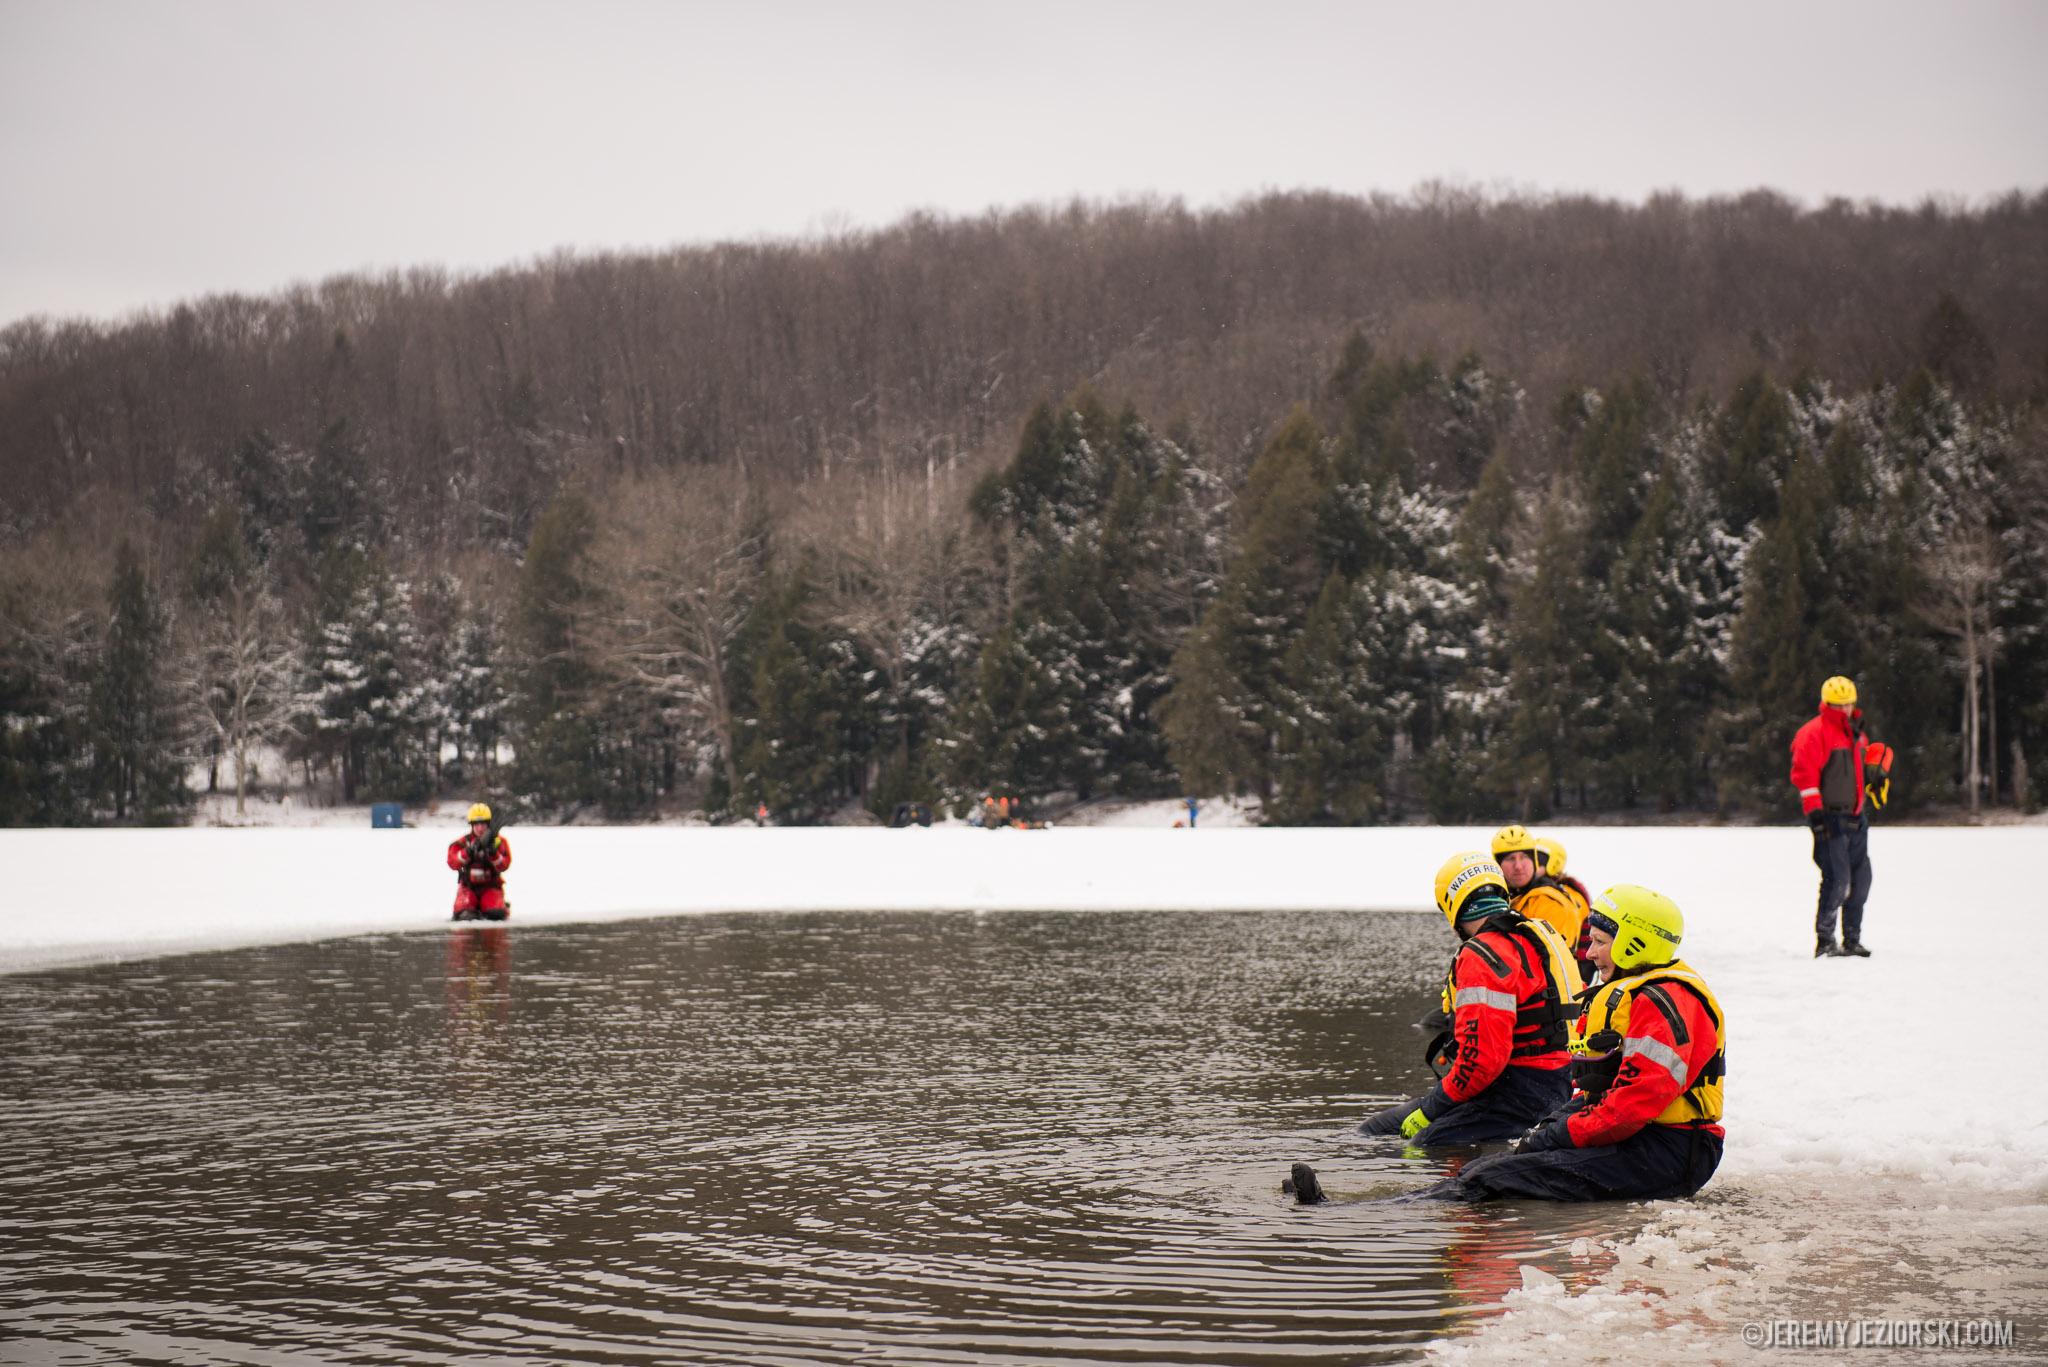 warren-county-winterfest-2014-photographer-jeremy-jeziorski-6645.jpg